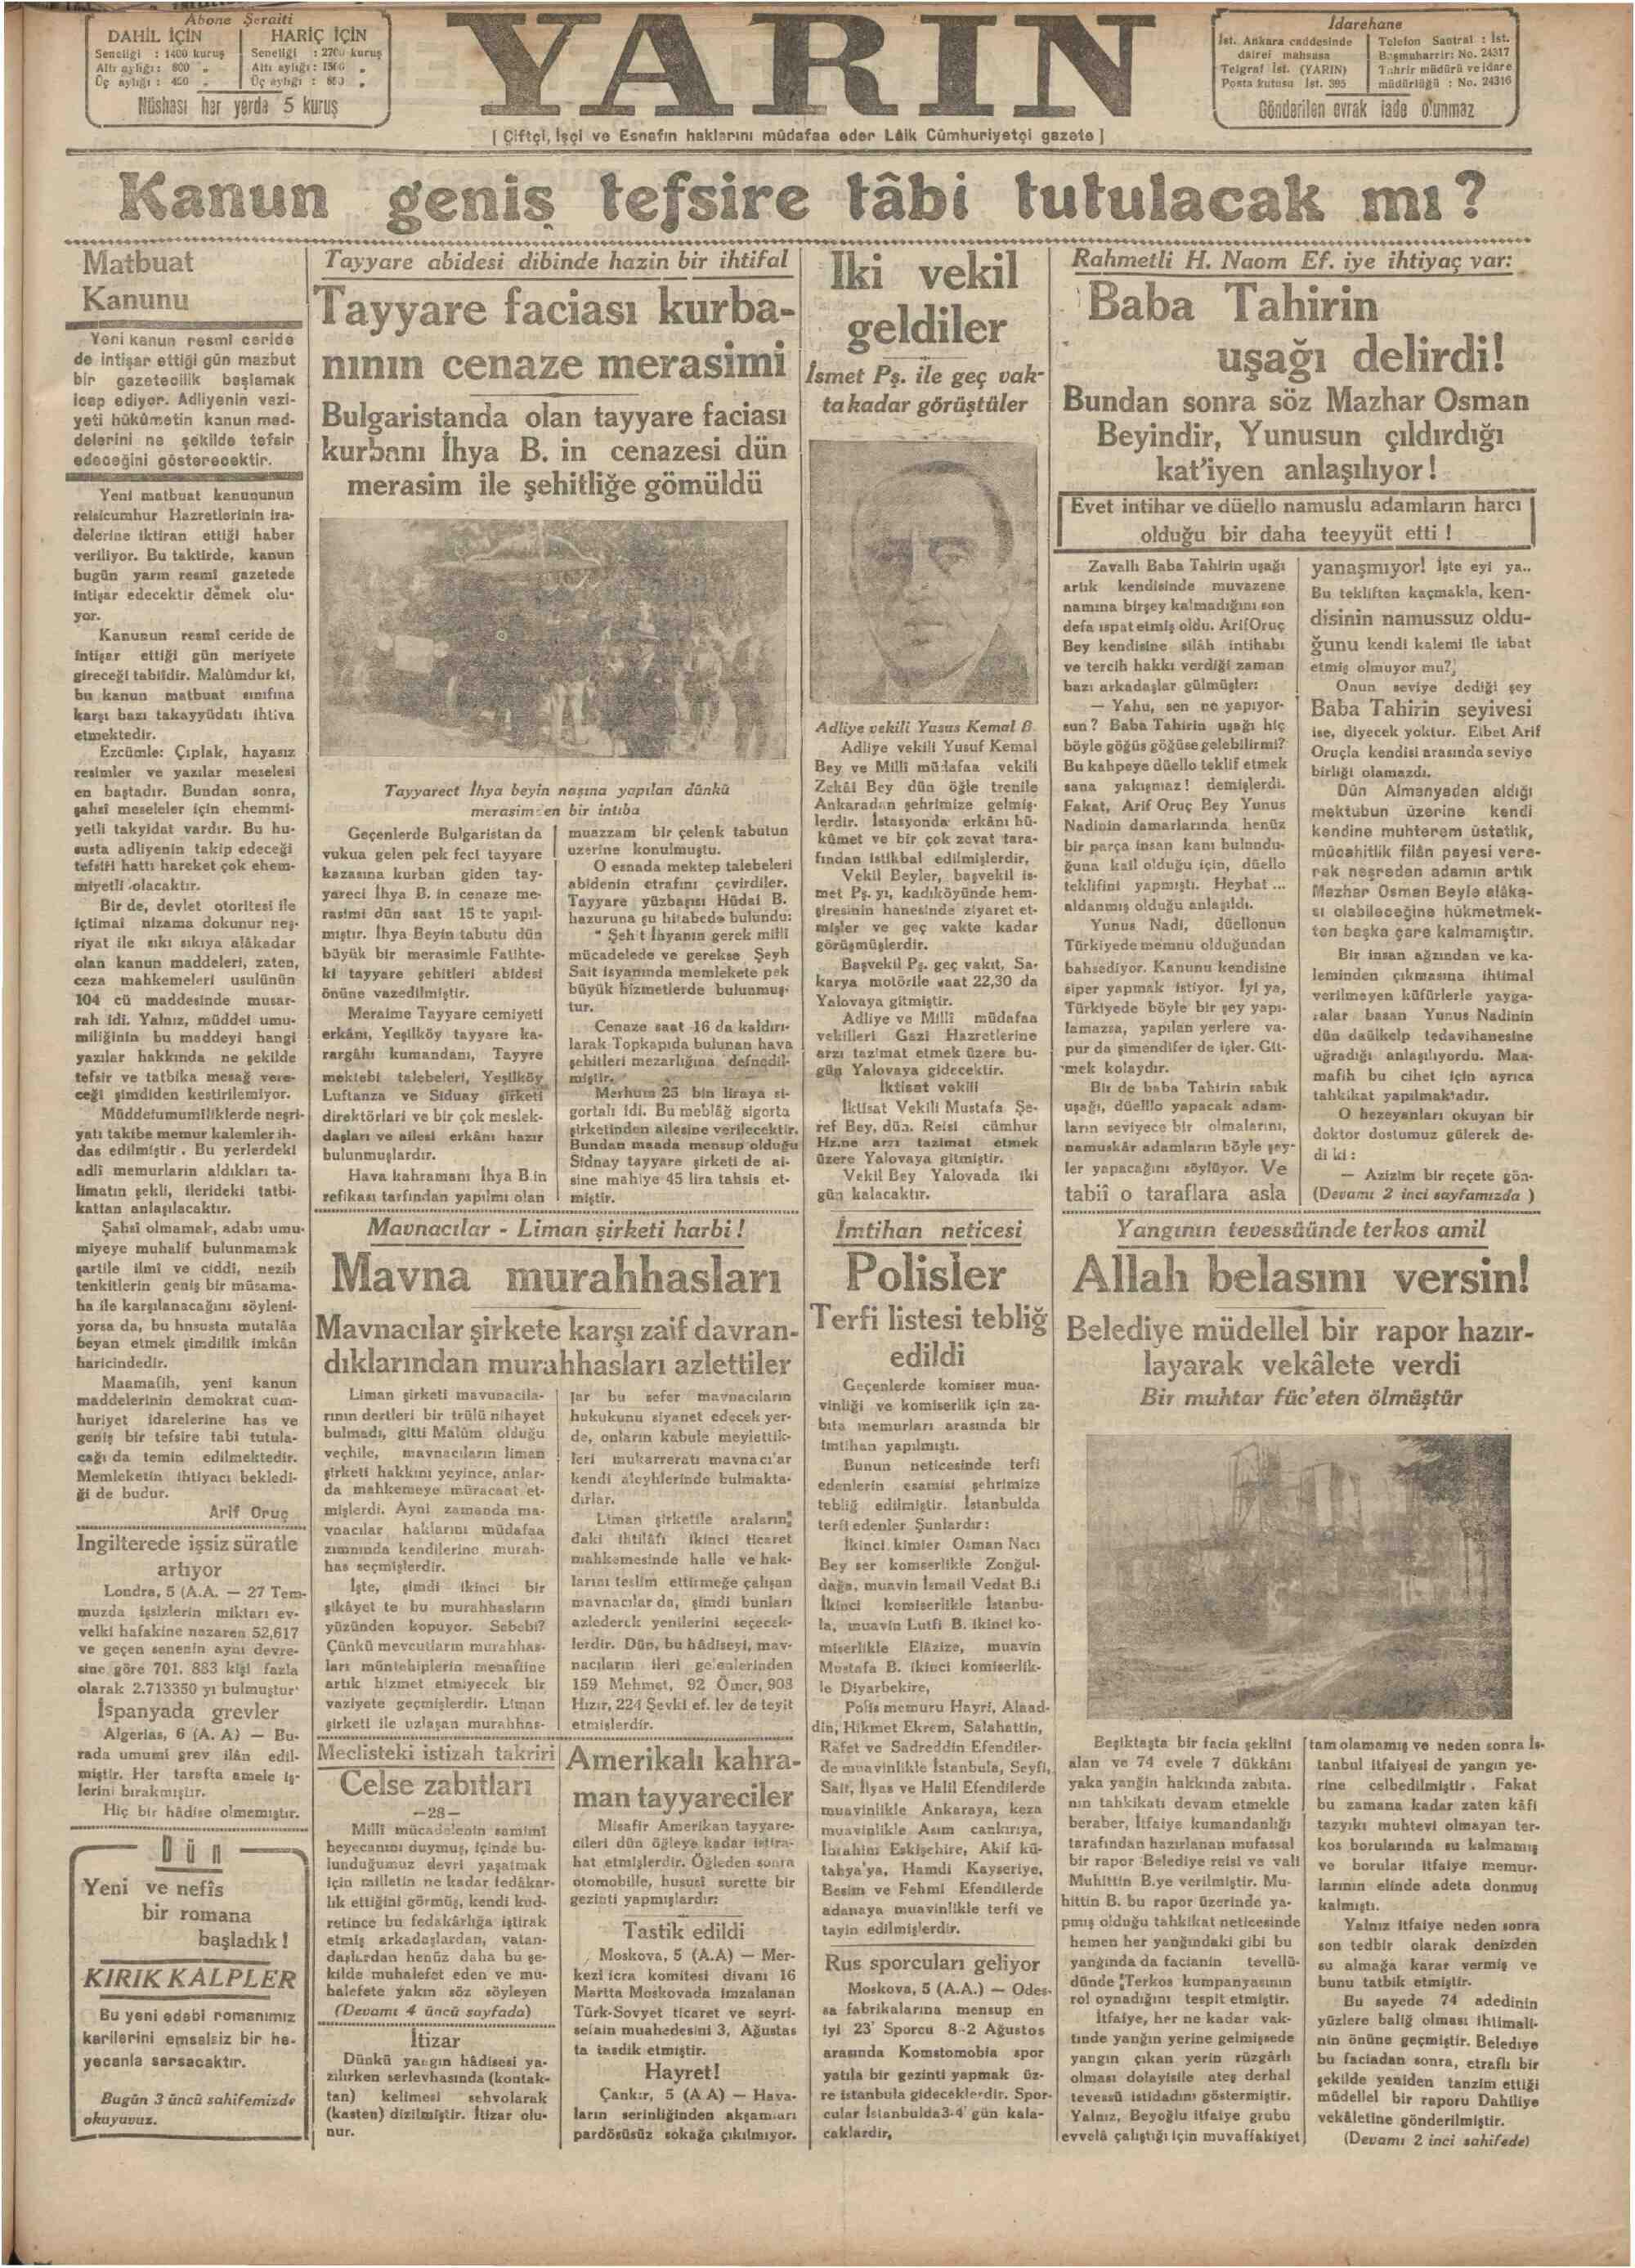 7 Ağustos 1931 Tarihli Yarın Gazetesi Sayfa 1